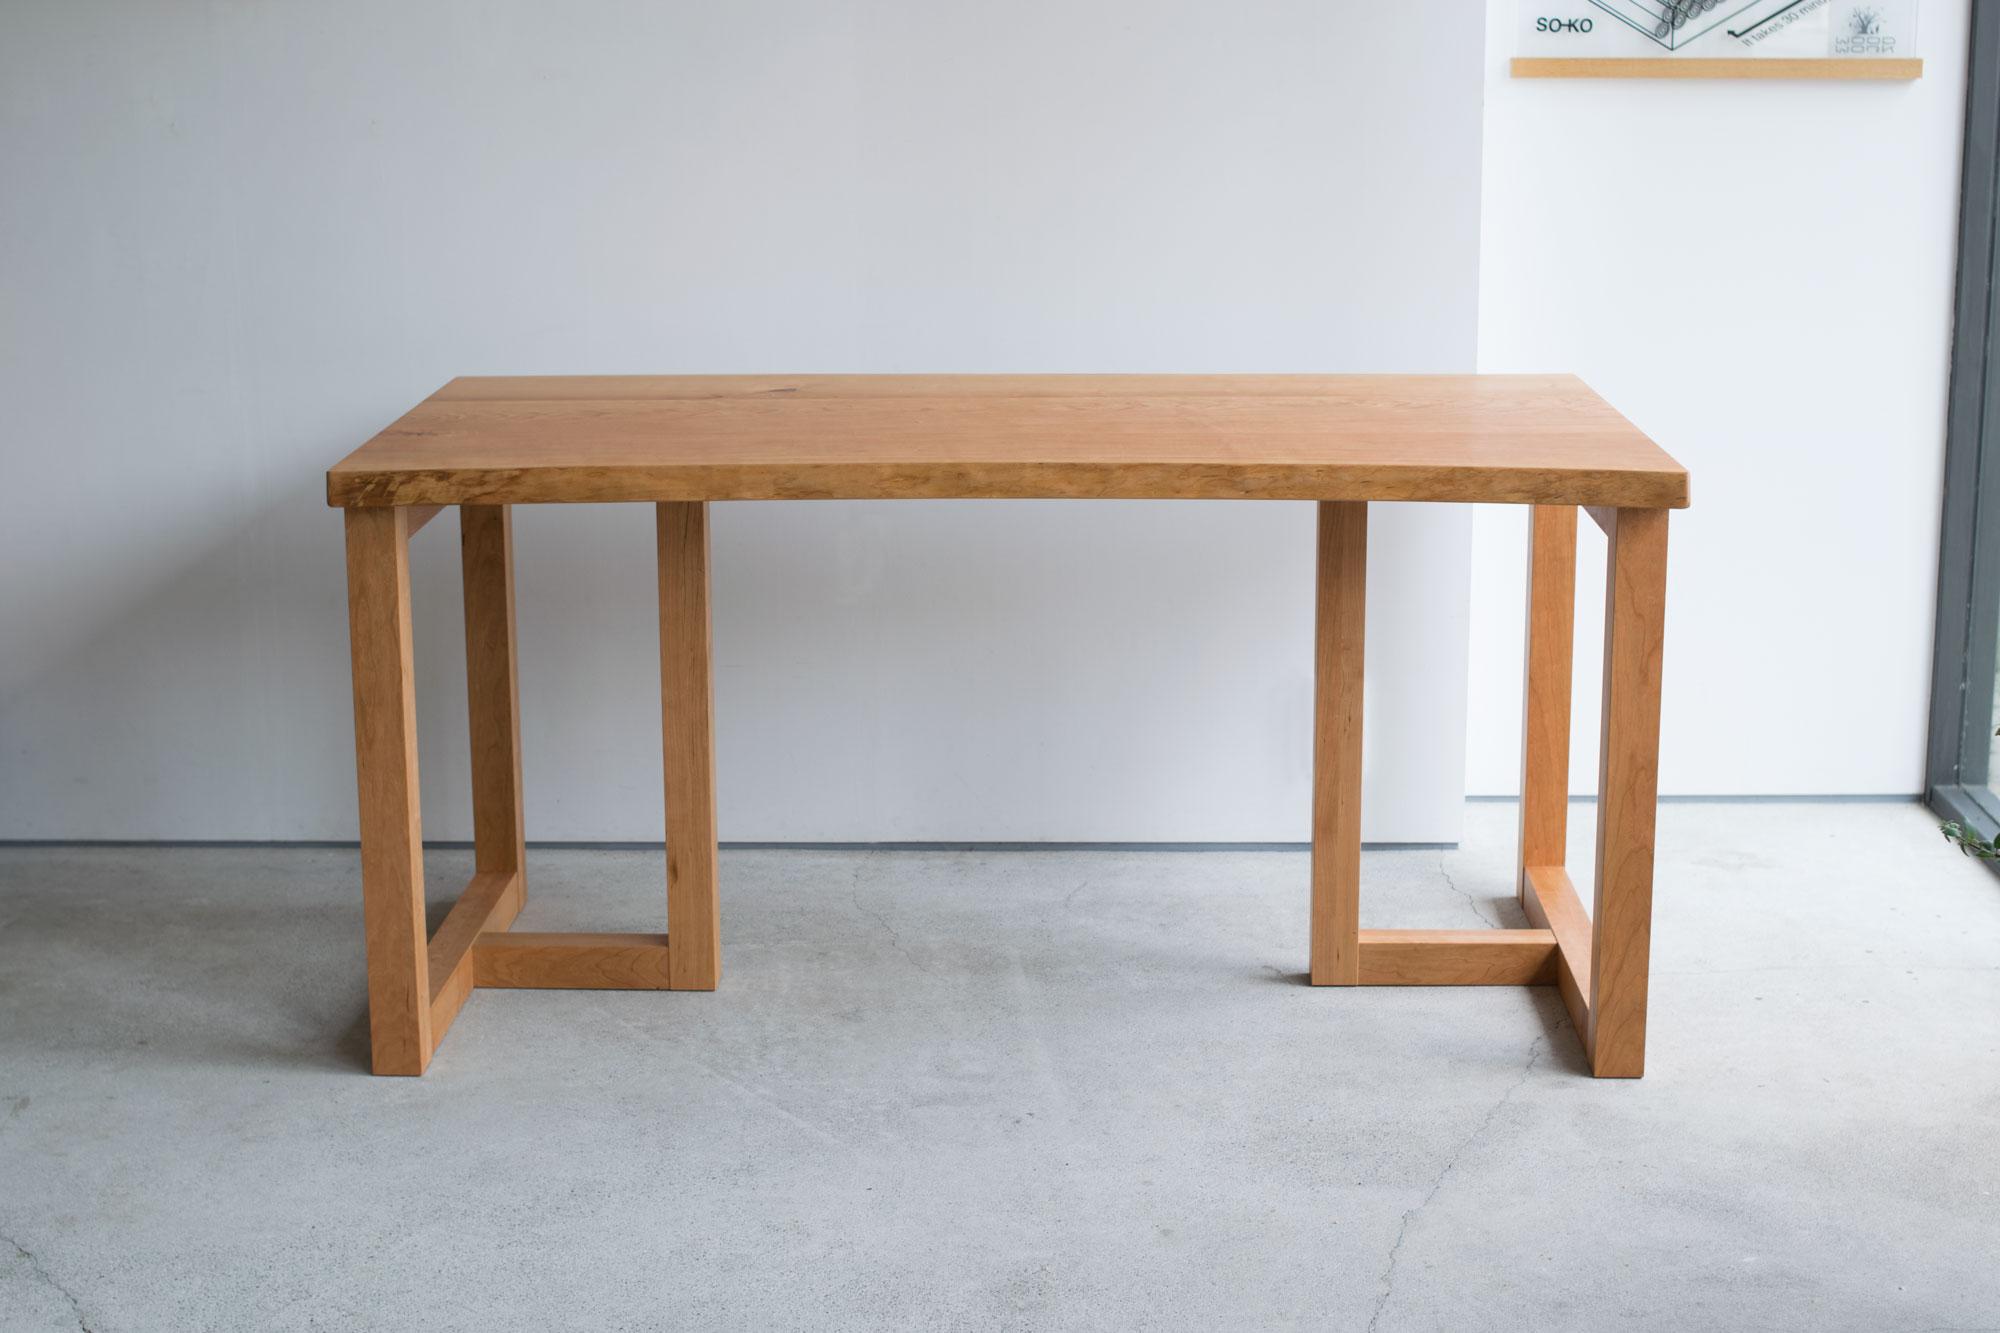 アメリカンチェリー 3枚接ぎ天板 ダイニングテーブル